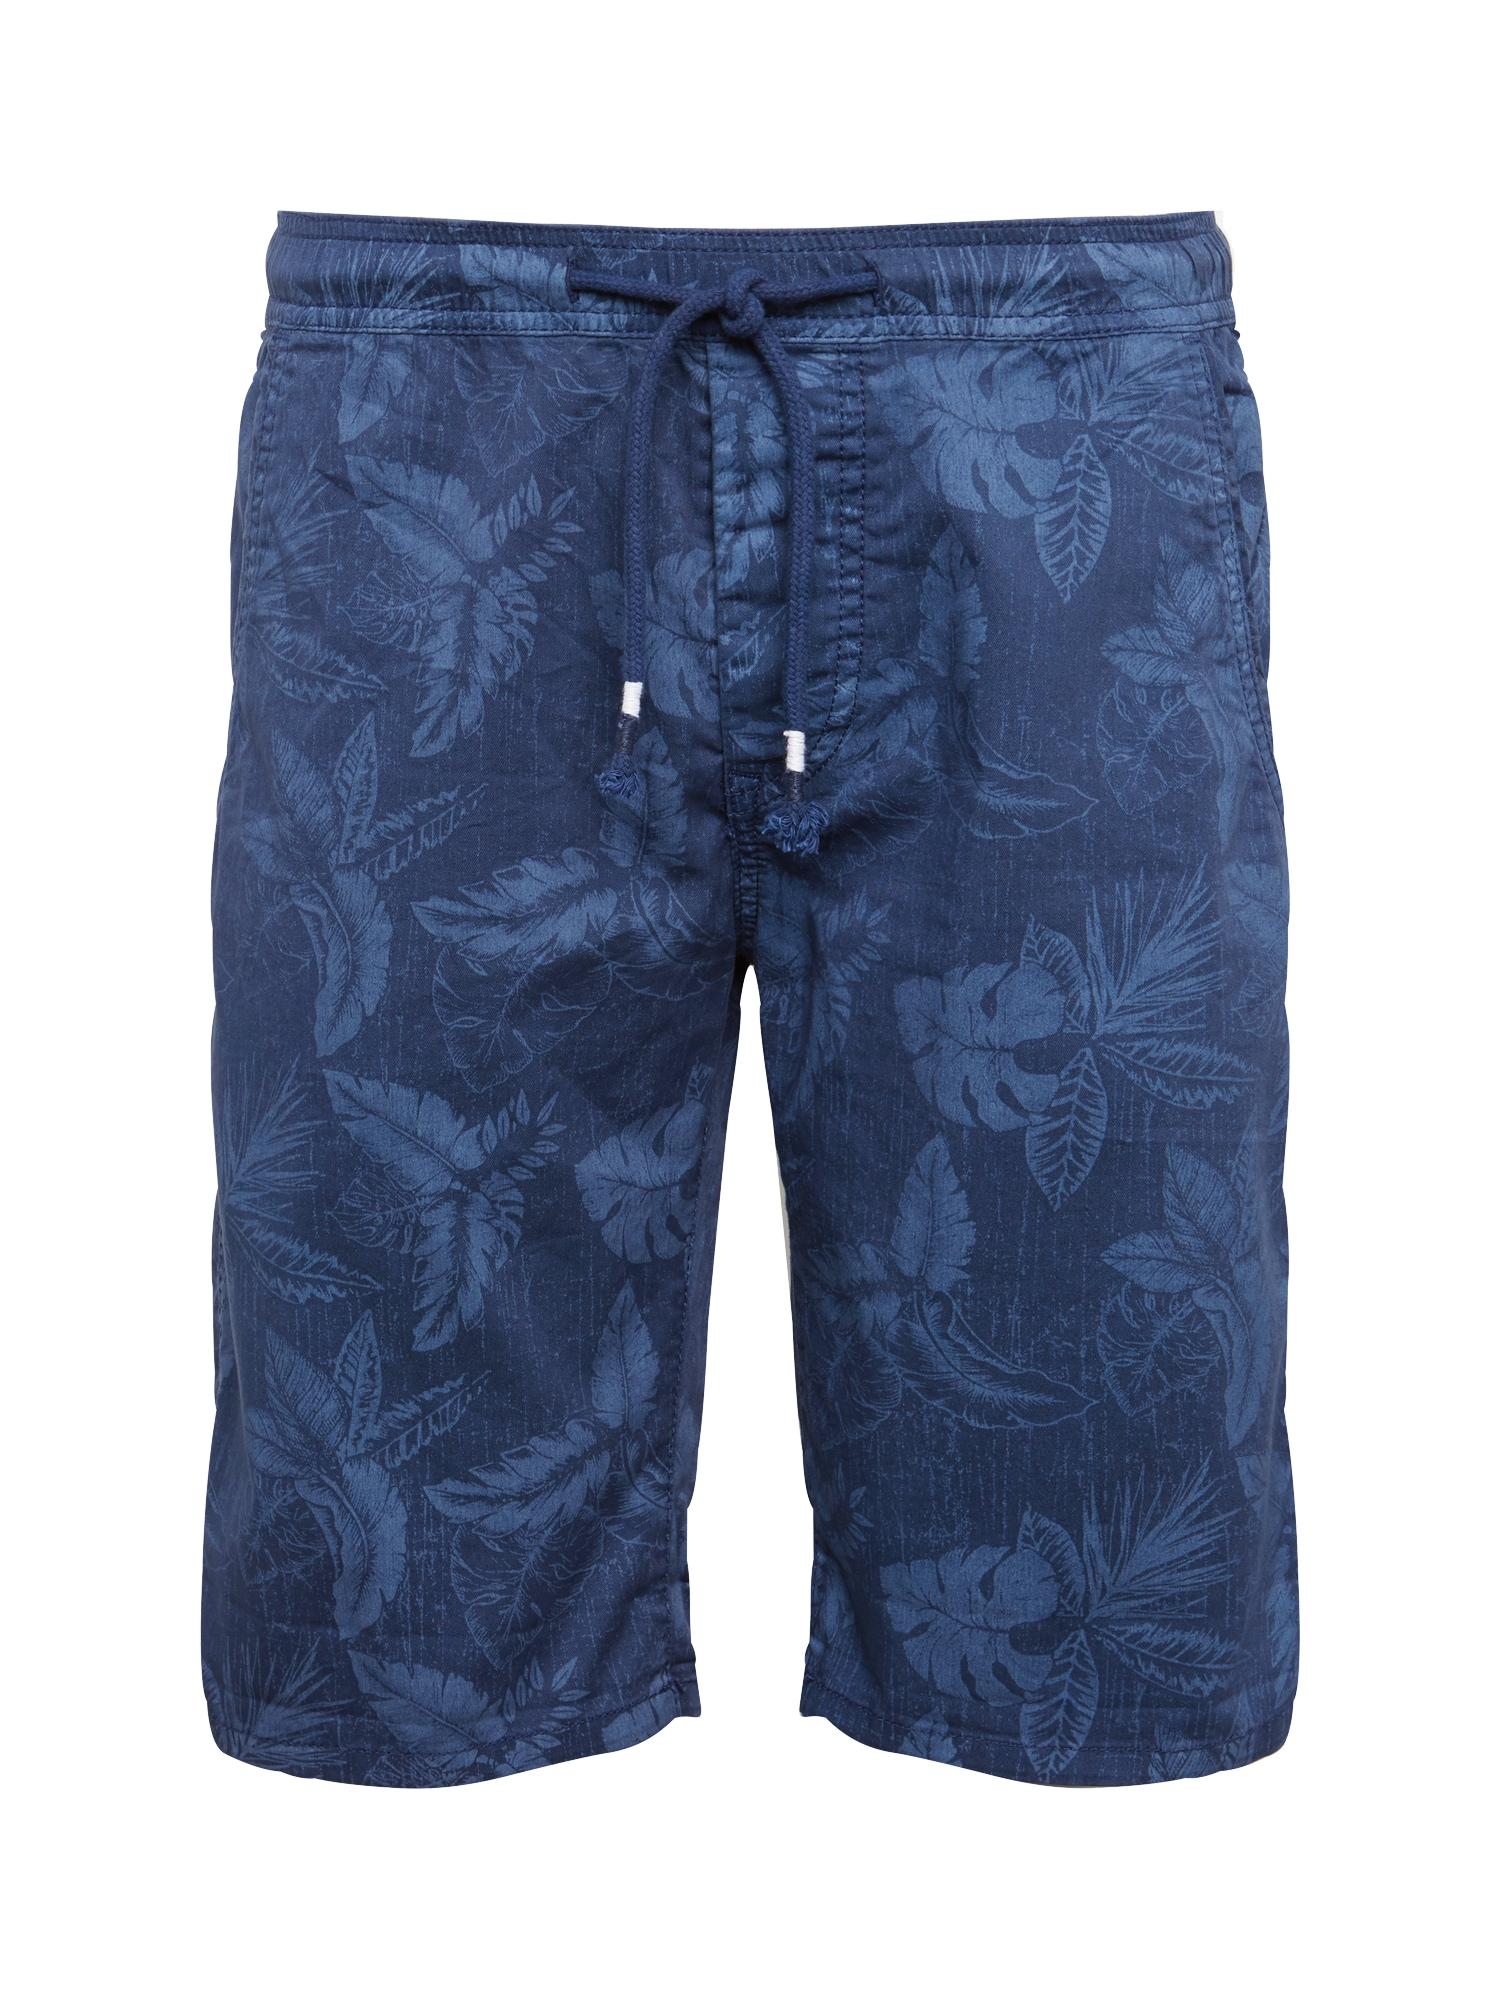 Kalhoty GRAIG BOTANICAL tmavě modrá Pepe Jeans